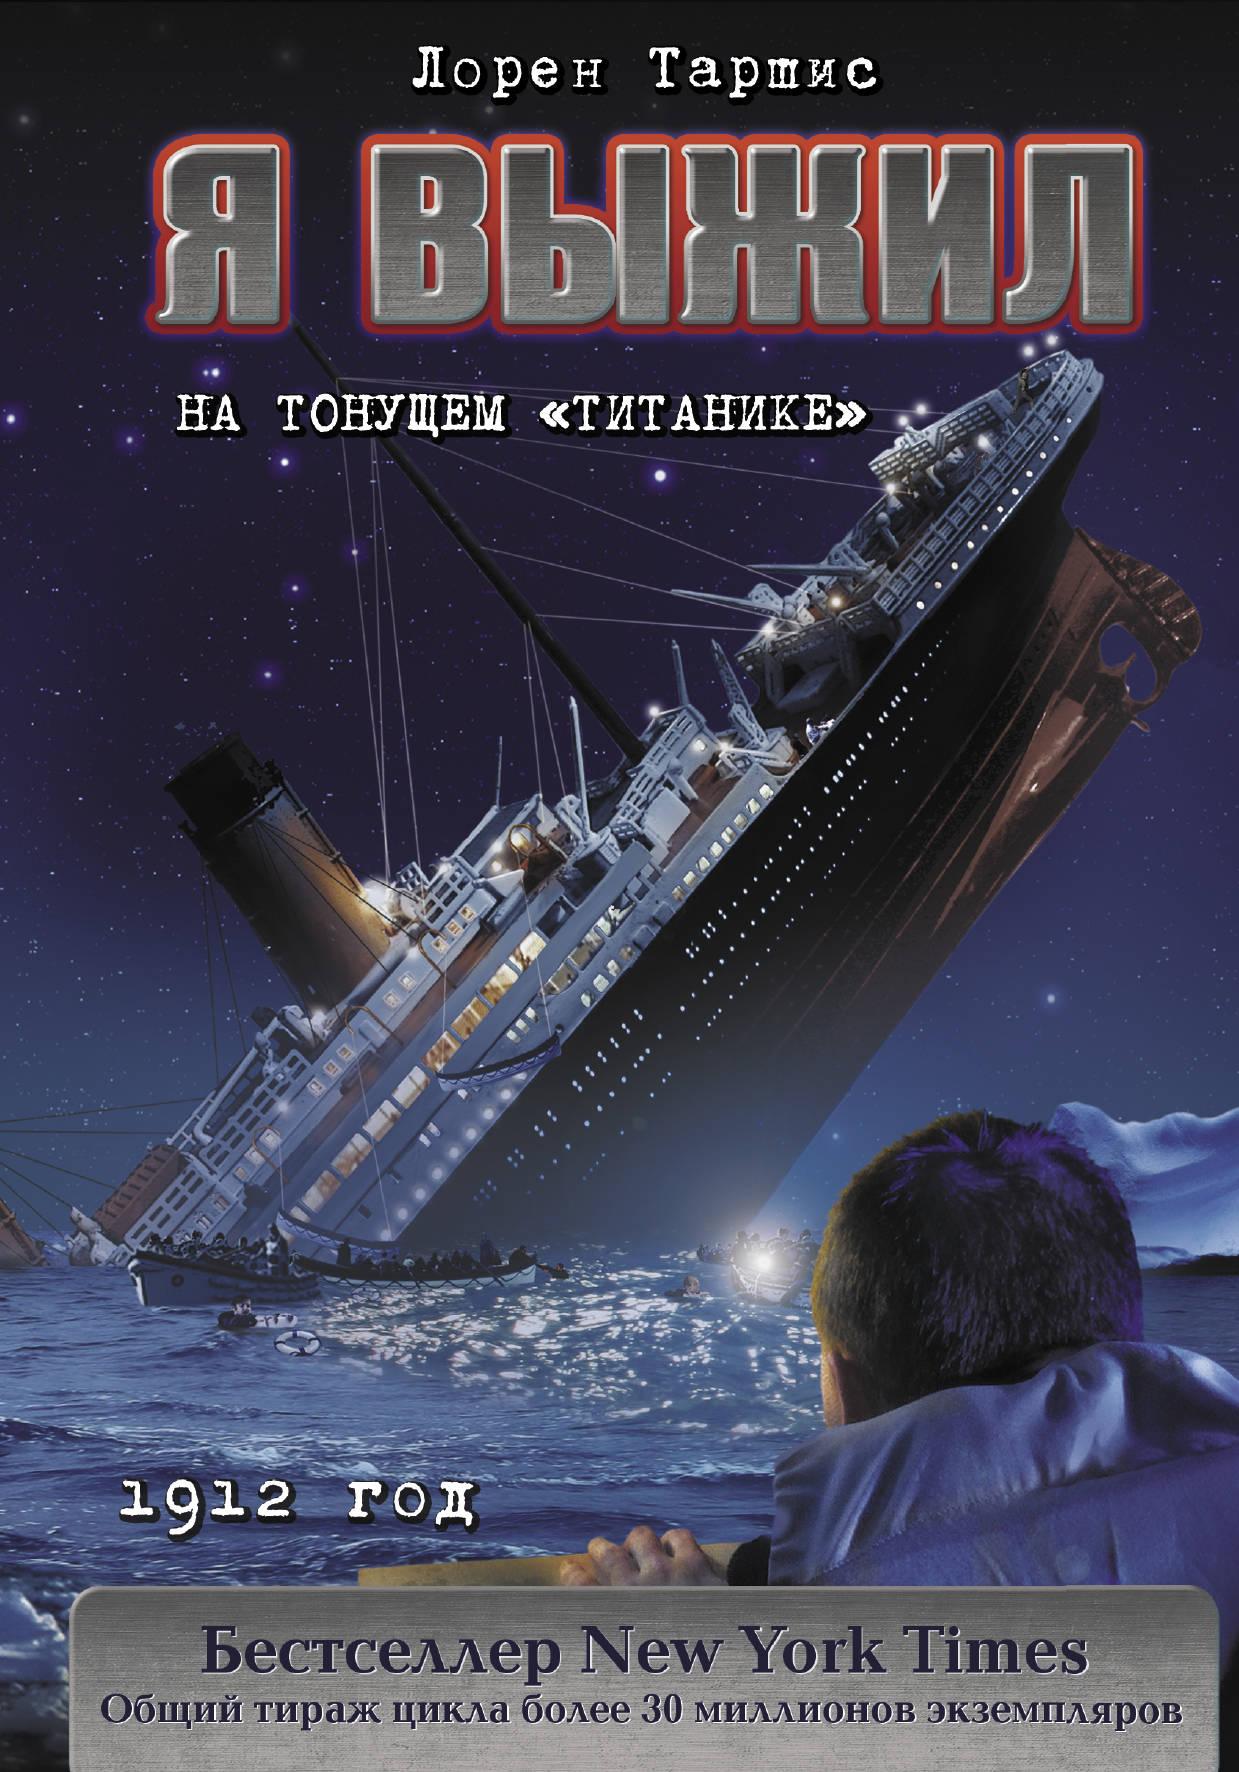 """Я выжил на тонущем """"Титанике"""" ( Таршис Лорен  )"""